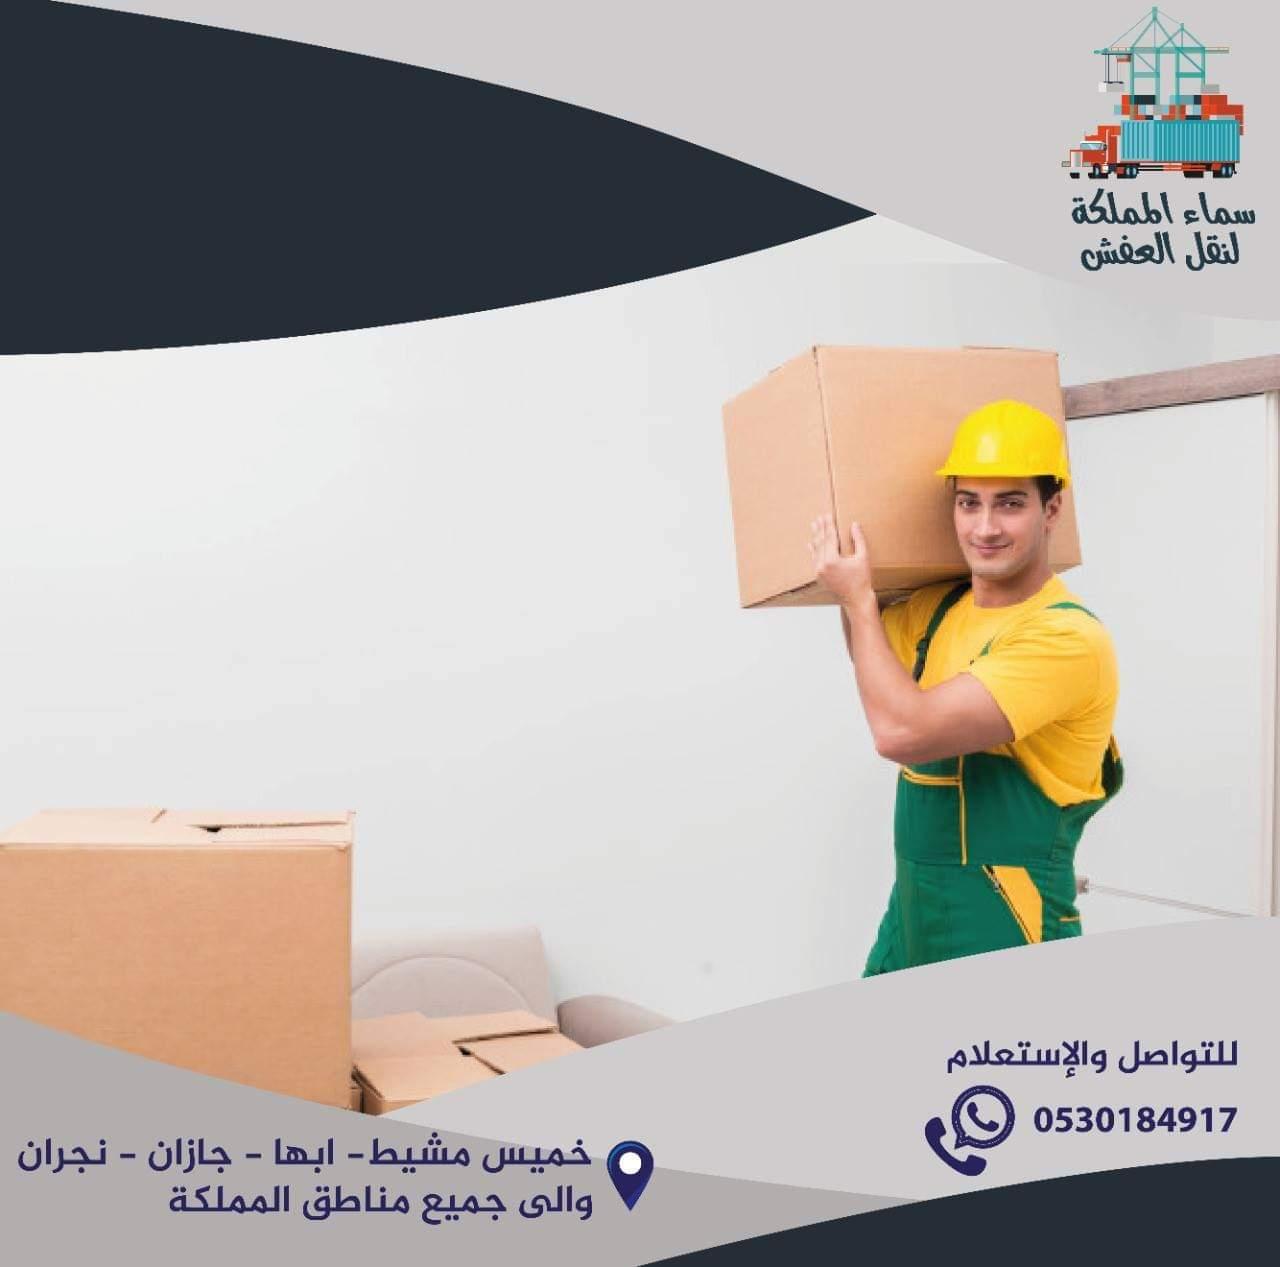 شركة نقل عفش ابو عريش0530184917